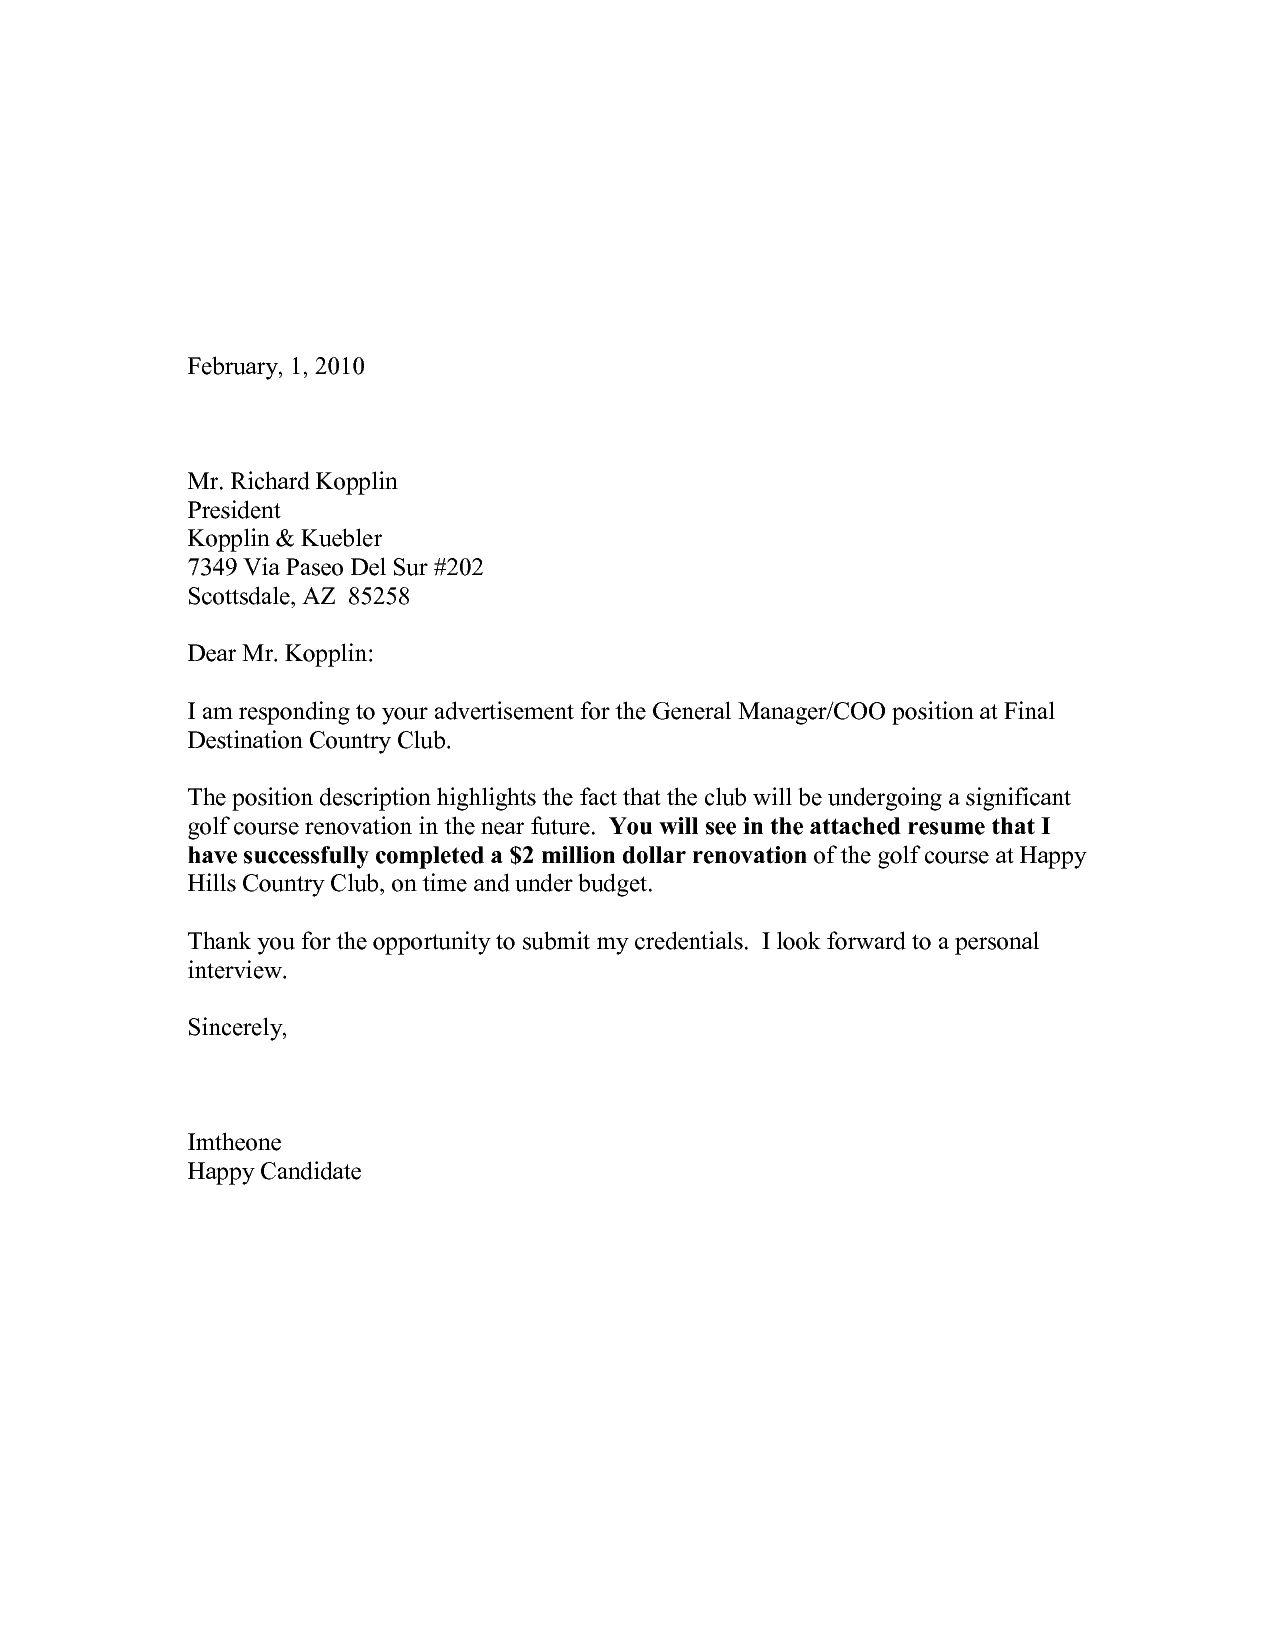 26 Resume Cover Letter Tips Cover Letter Tips